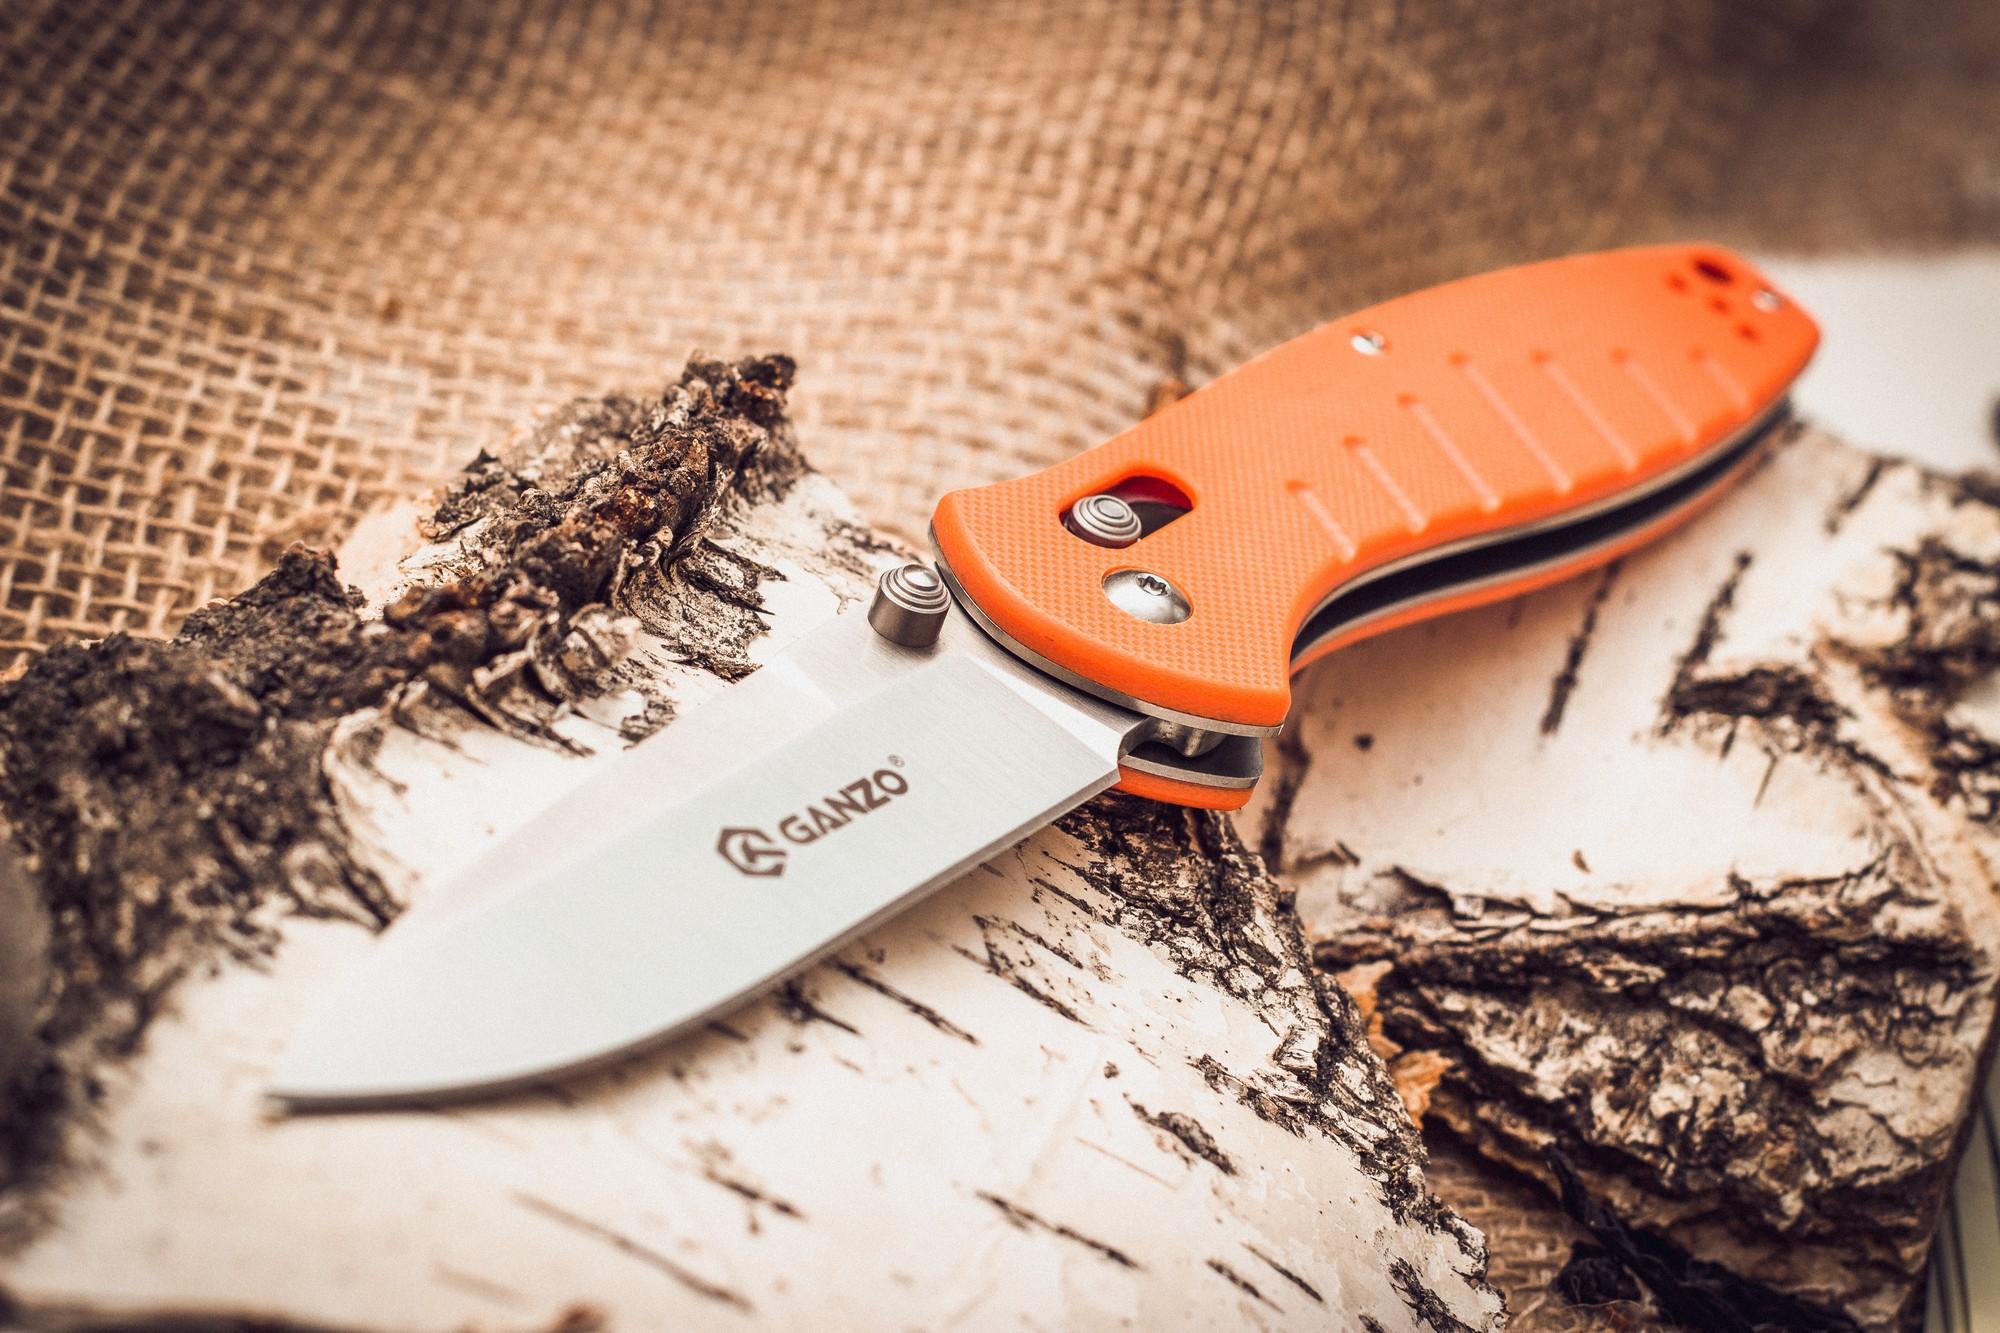 Фото 5 - Складной нож Ganzo G738, оранжевый